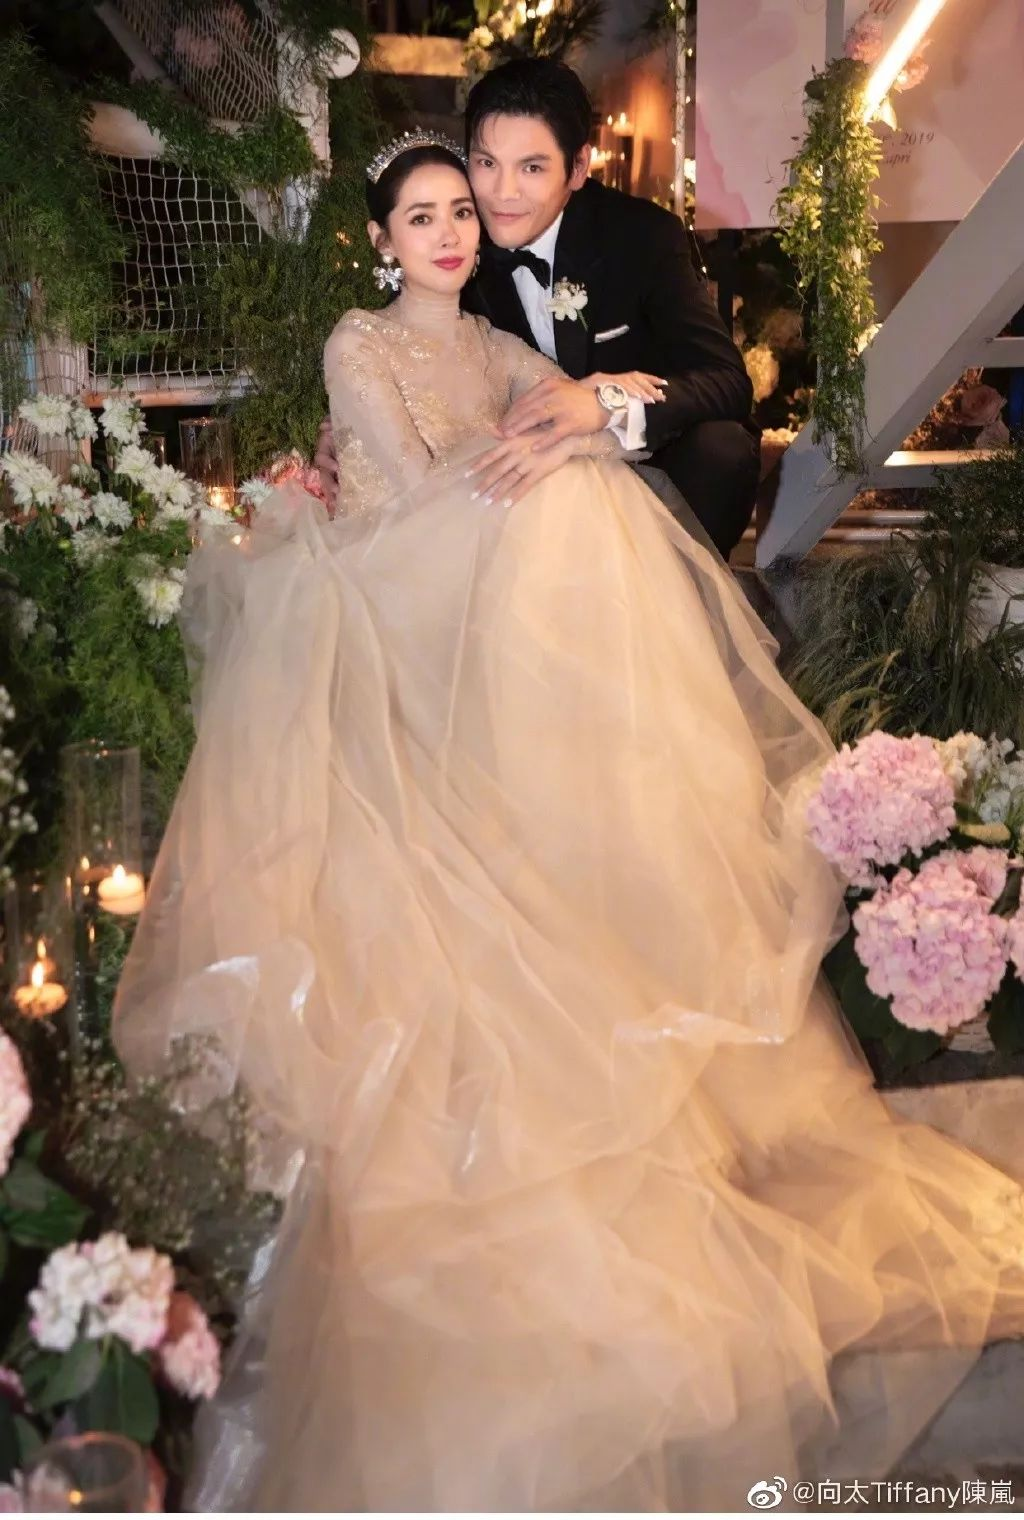 郭碧婷向佐婚礼现场曝光!头戴百年王冠,碧海蓝天相衬,她美得像个公主!